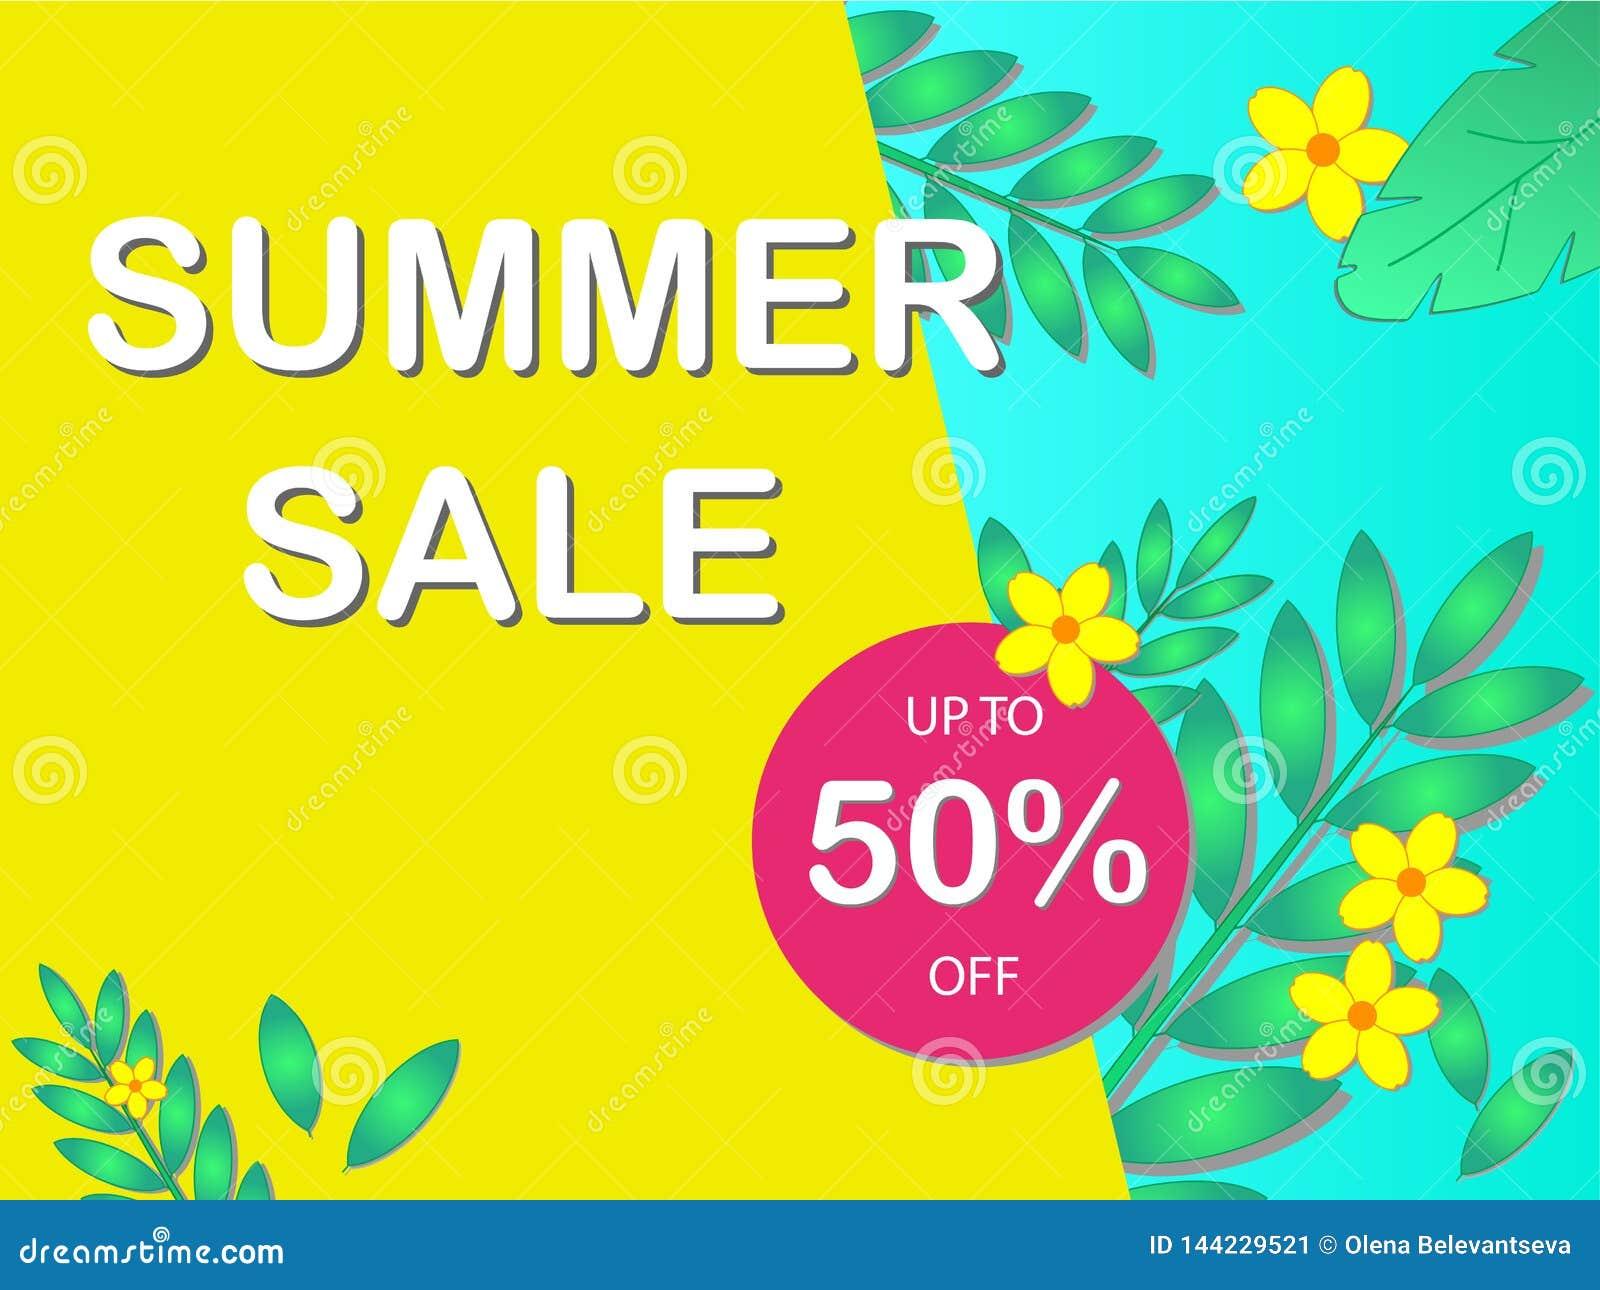 Verkaufskonzeptfahne mit dem Text 'Sommerschlussverkauf 'und Skontoprozentsatz